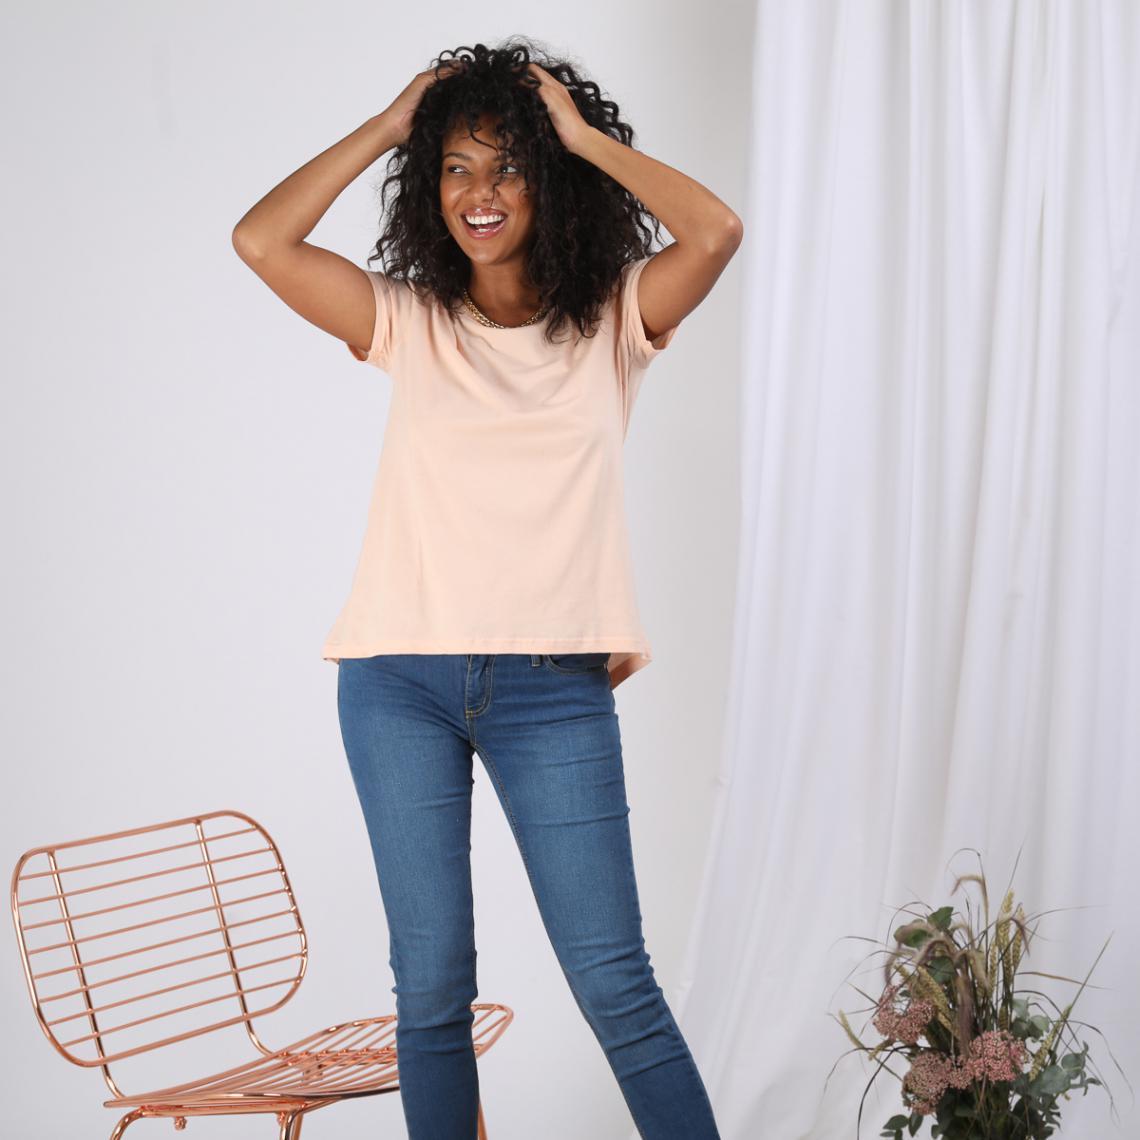 Promo : Tee-shirt asymétrique fendu manches courtes - Chair - 3S. x Le Vestiaire - Modalova